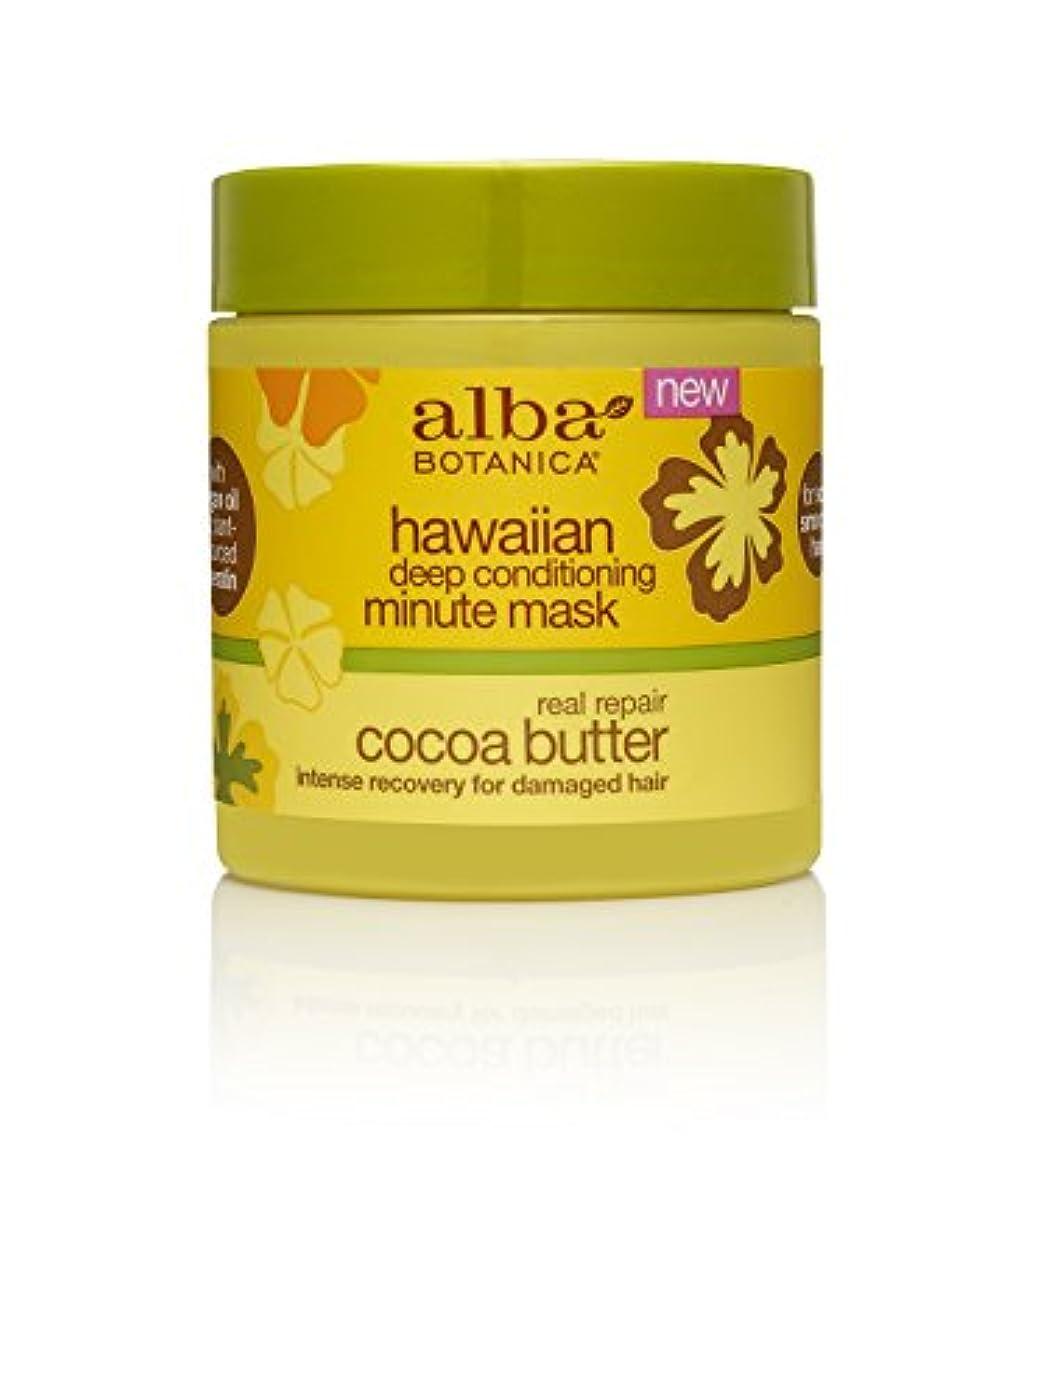 舌な雄弁とまり木海外直送品Hawaiian Deep Conditioning Real Repair Minute Mask, Cocoa Butter 5.5 oz by Alba Botanica